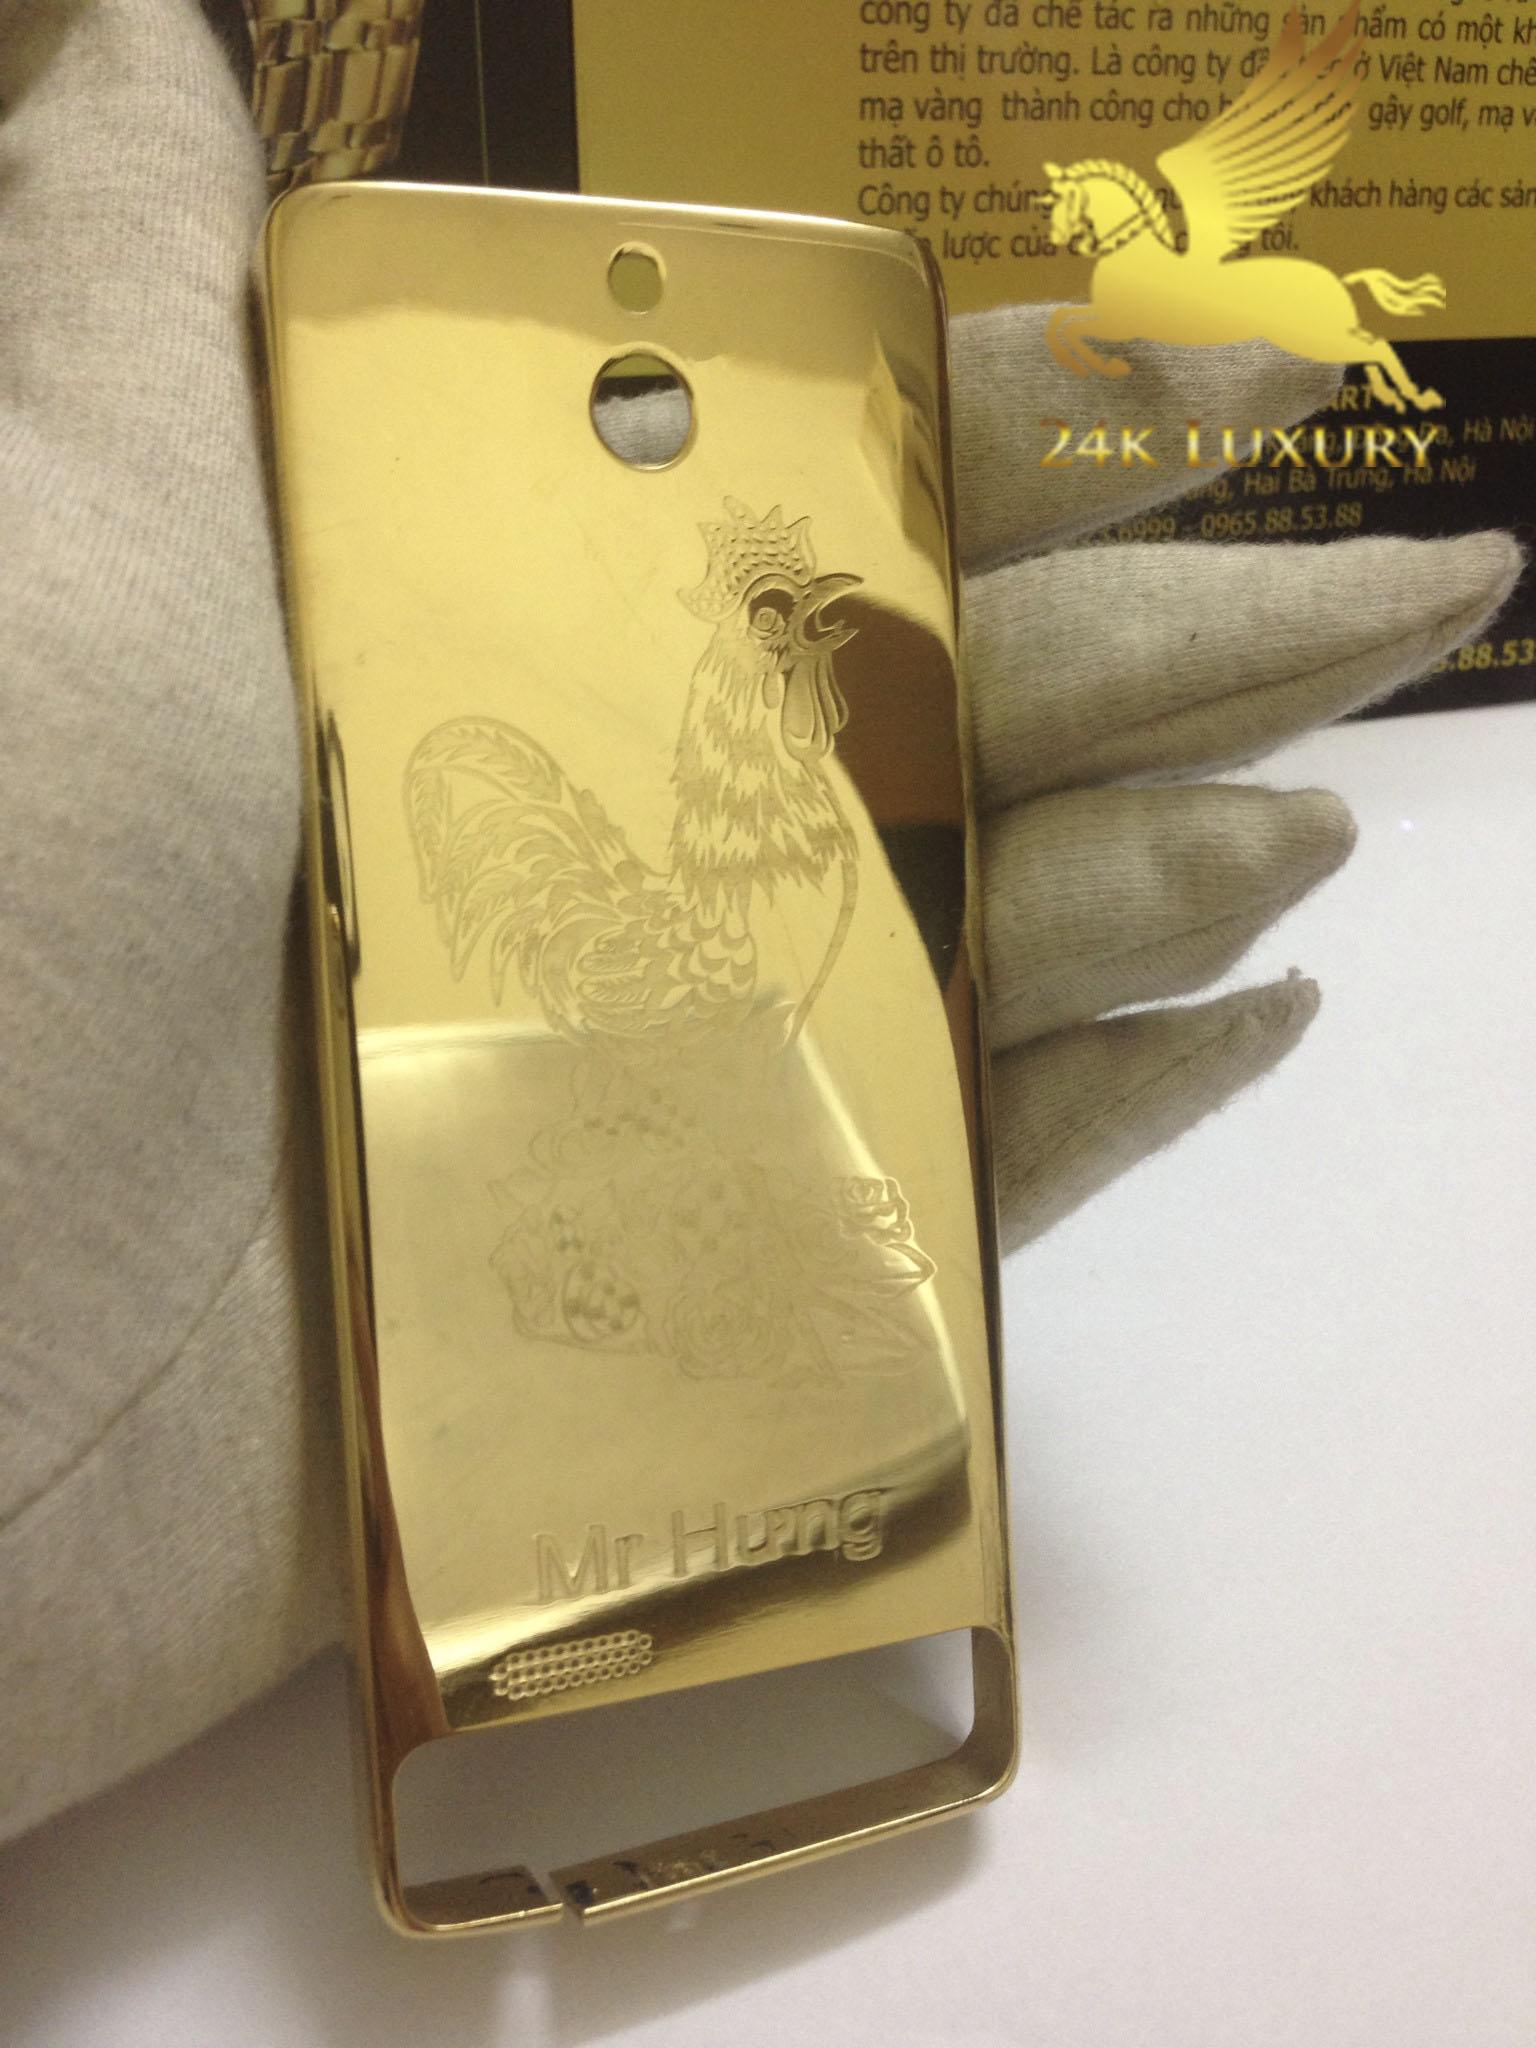 Chiếc điện thoại Nokia 515 khắc hình gà mạ vàng rất thích hợp với những người tuổi Dậu